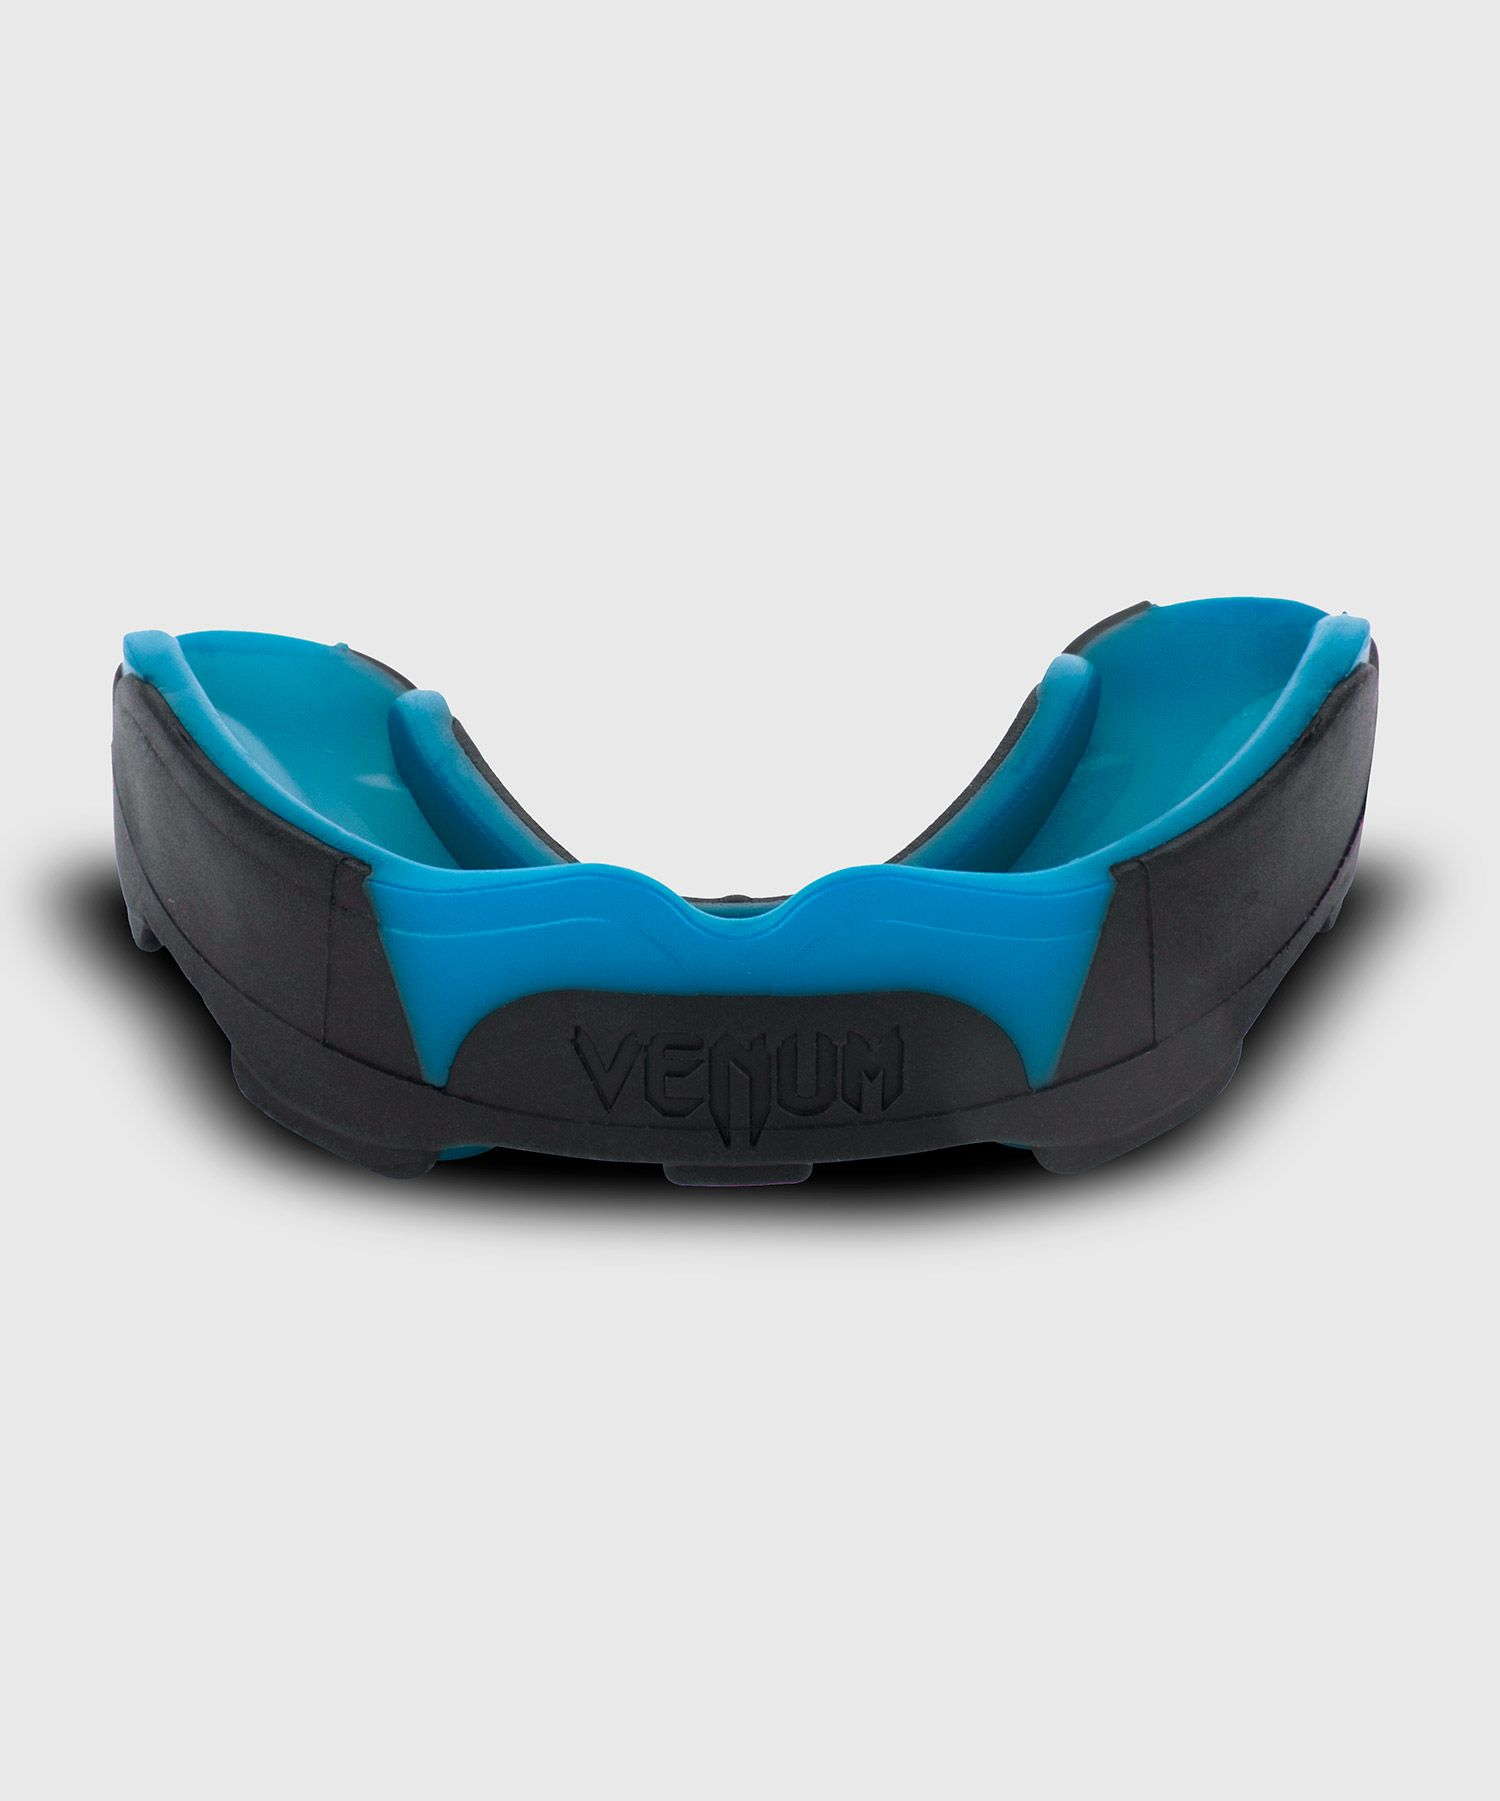 Venum Predator Gebitsbeschermer - zwart/blauw